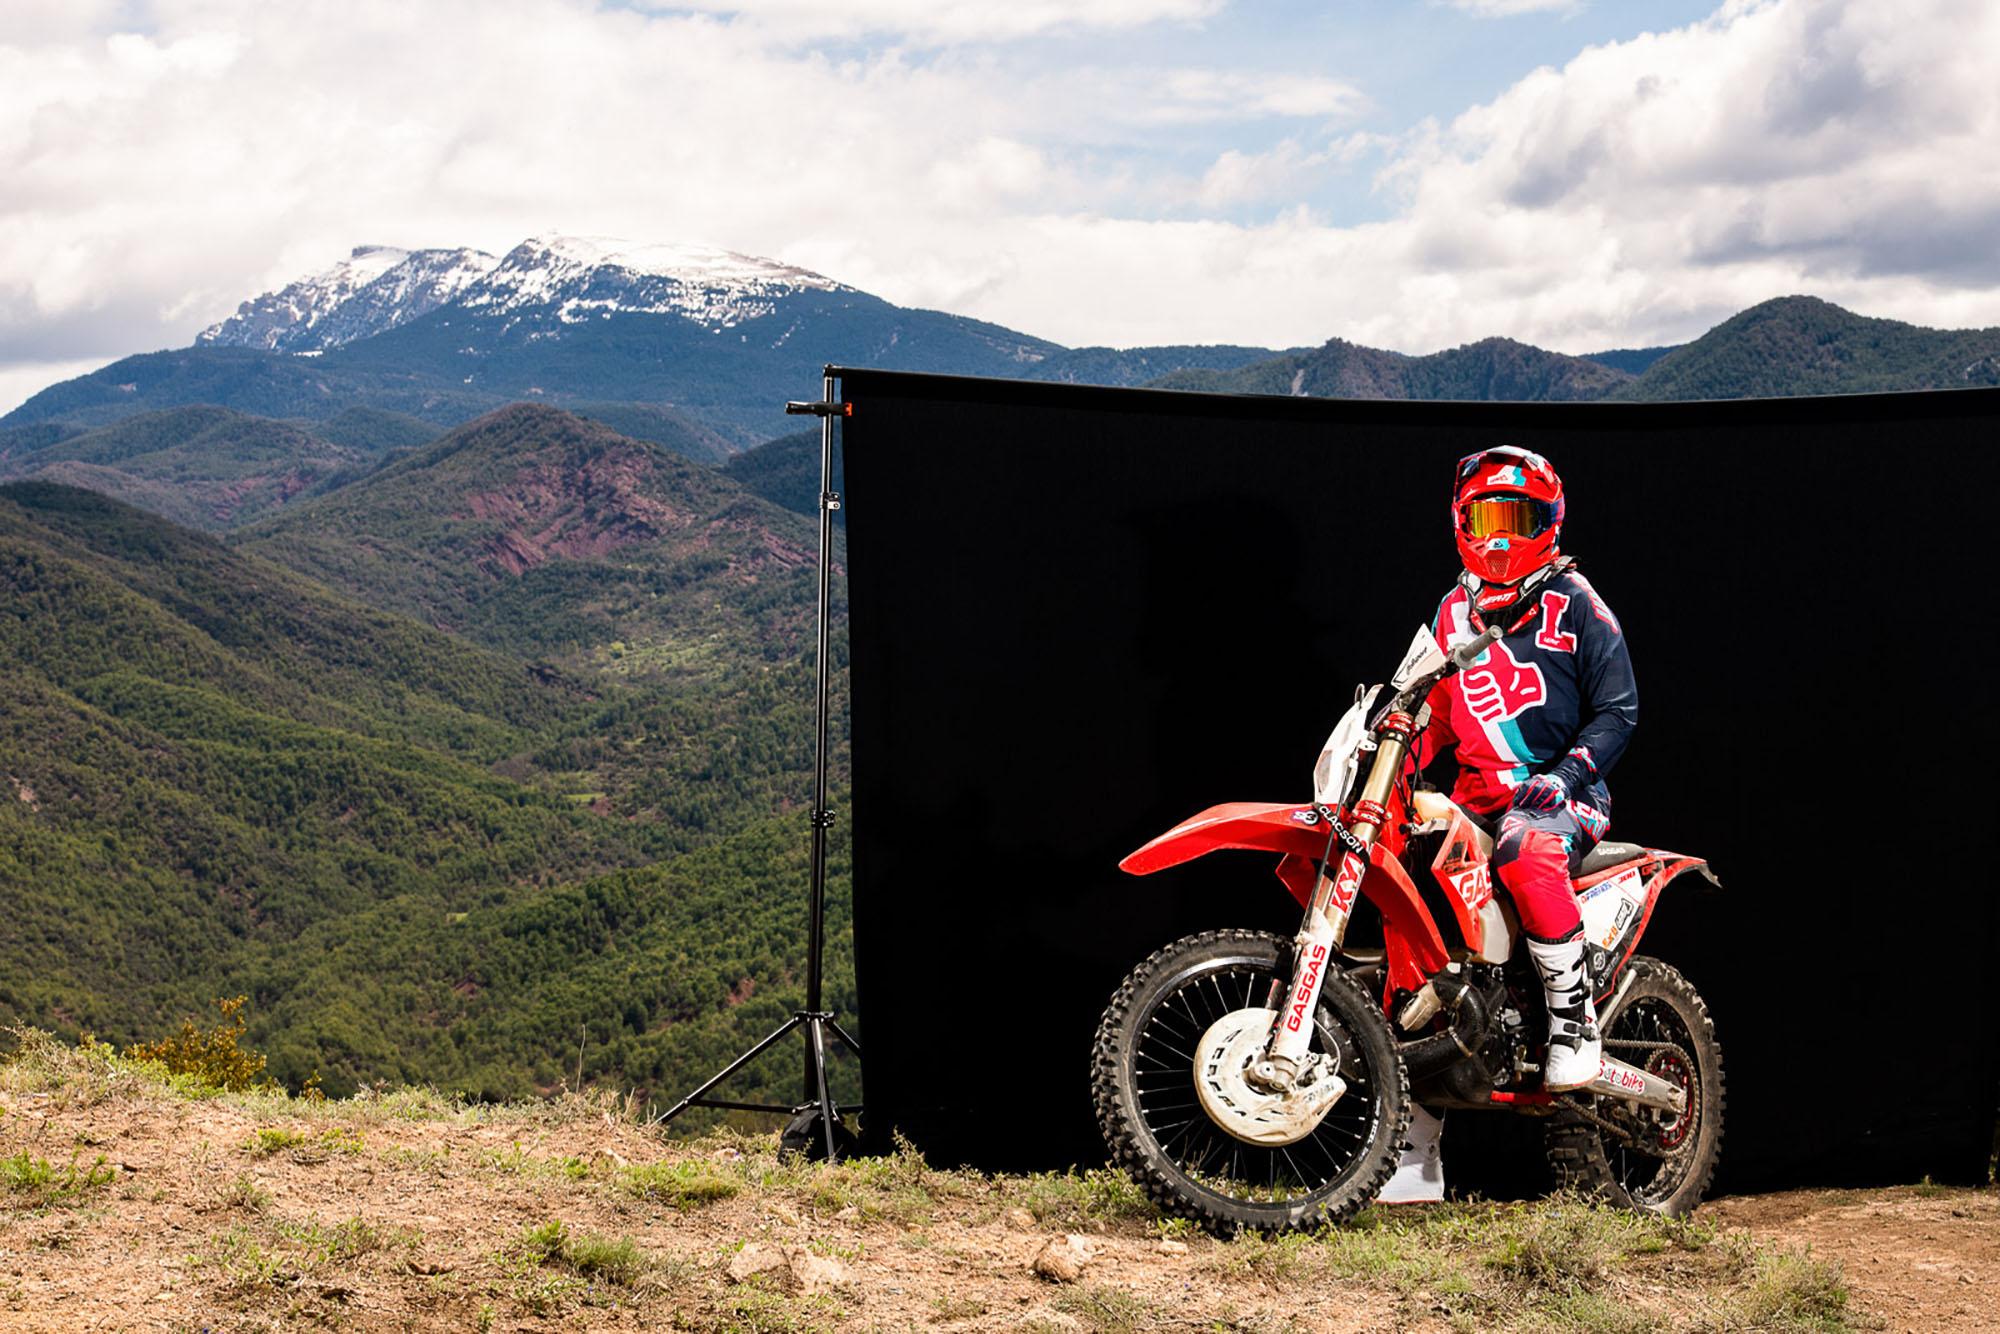 Leatt2019-MotoGPX_83354-ChristophLaue.jpg